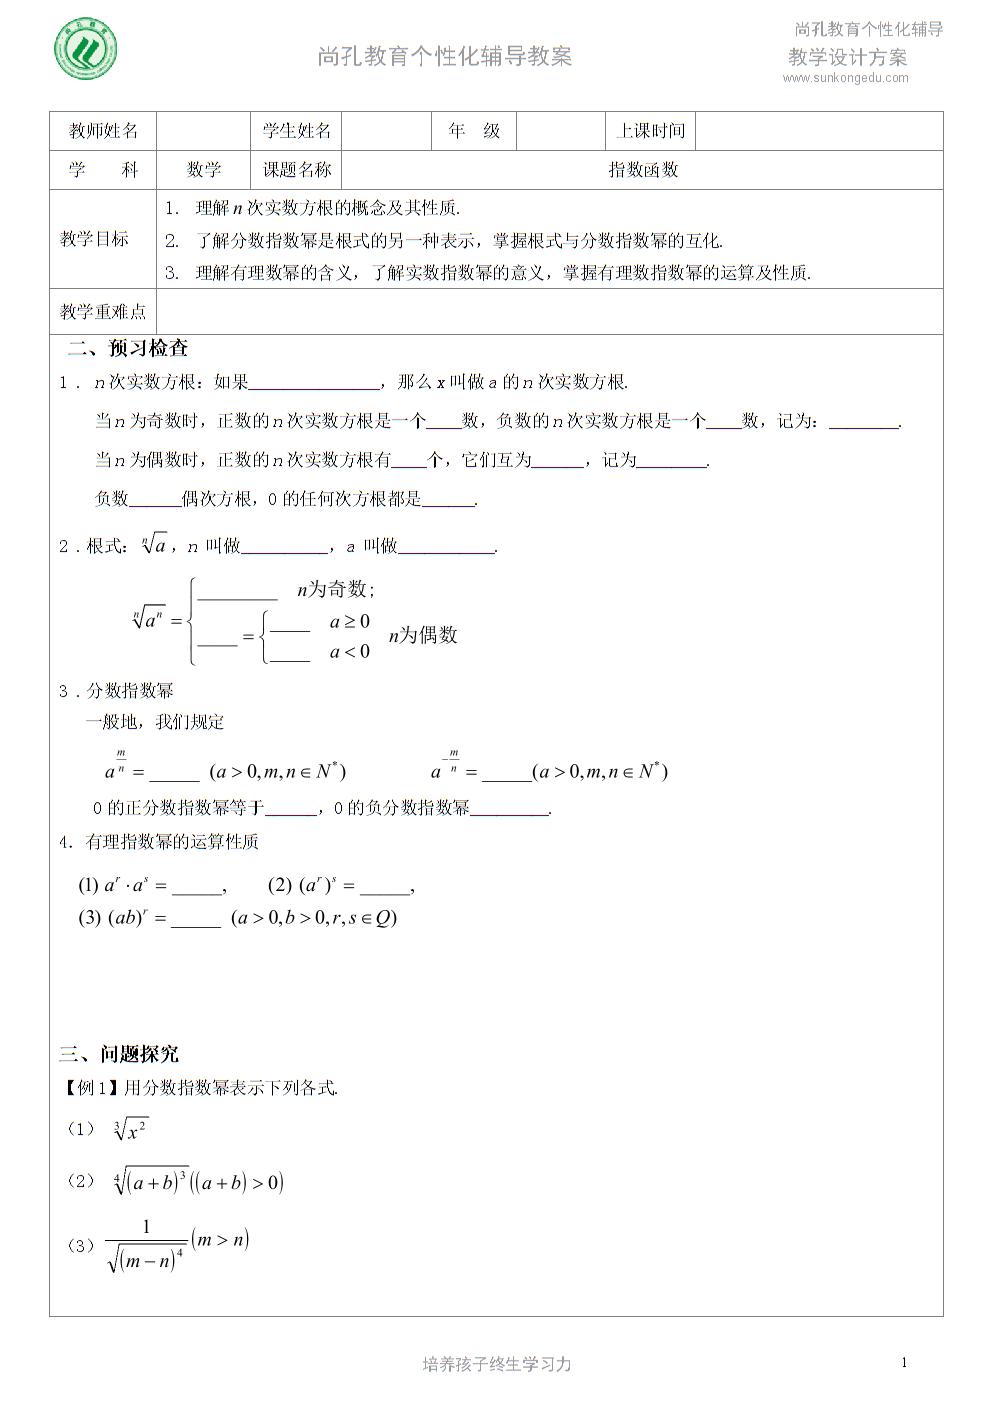 培训机构高一数学教案(一对一暑假班)高一指数函数第五次课教案模板.doc